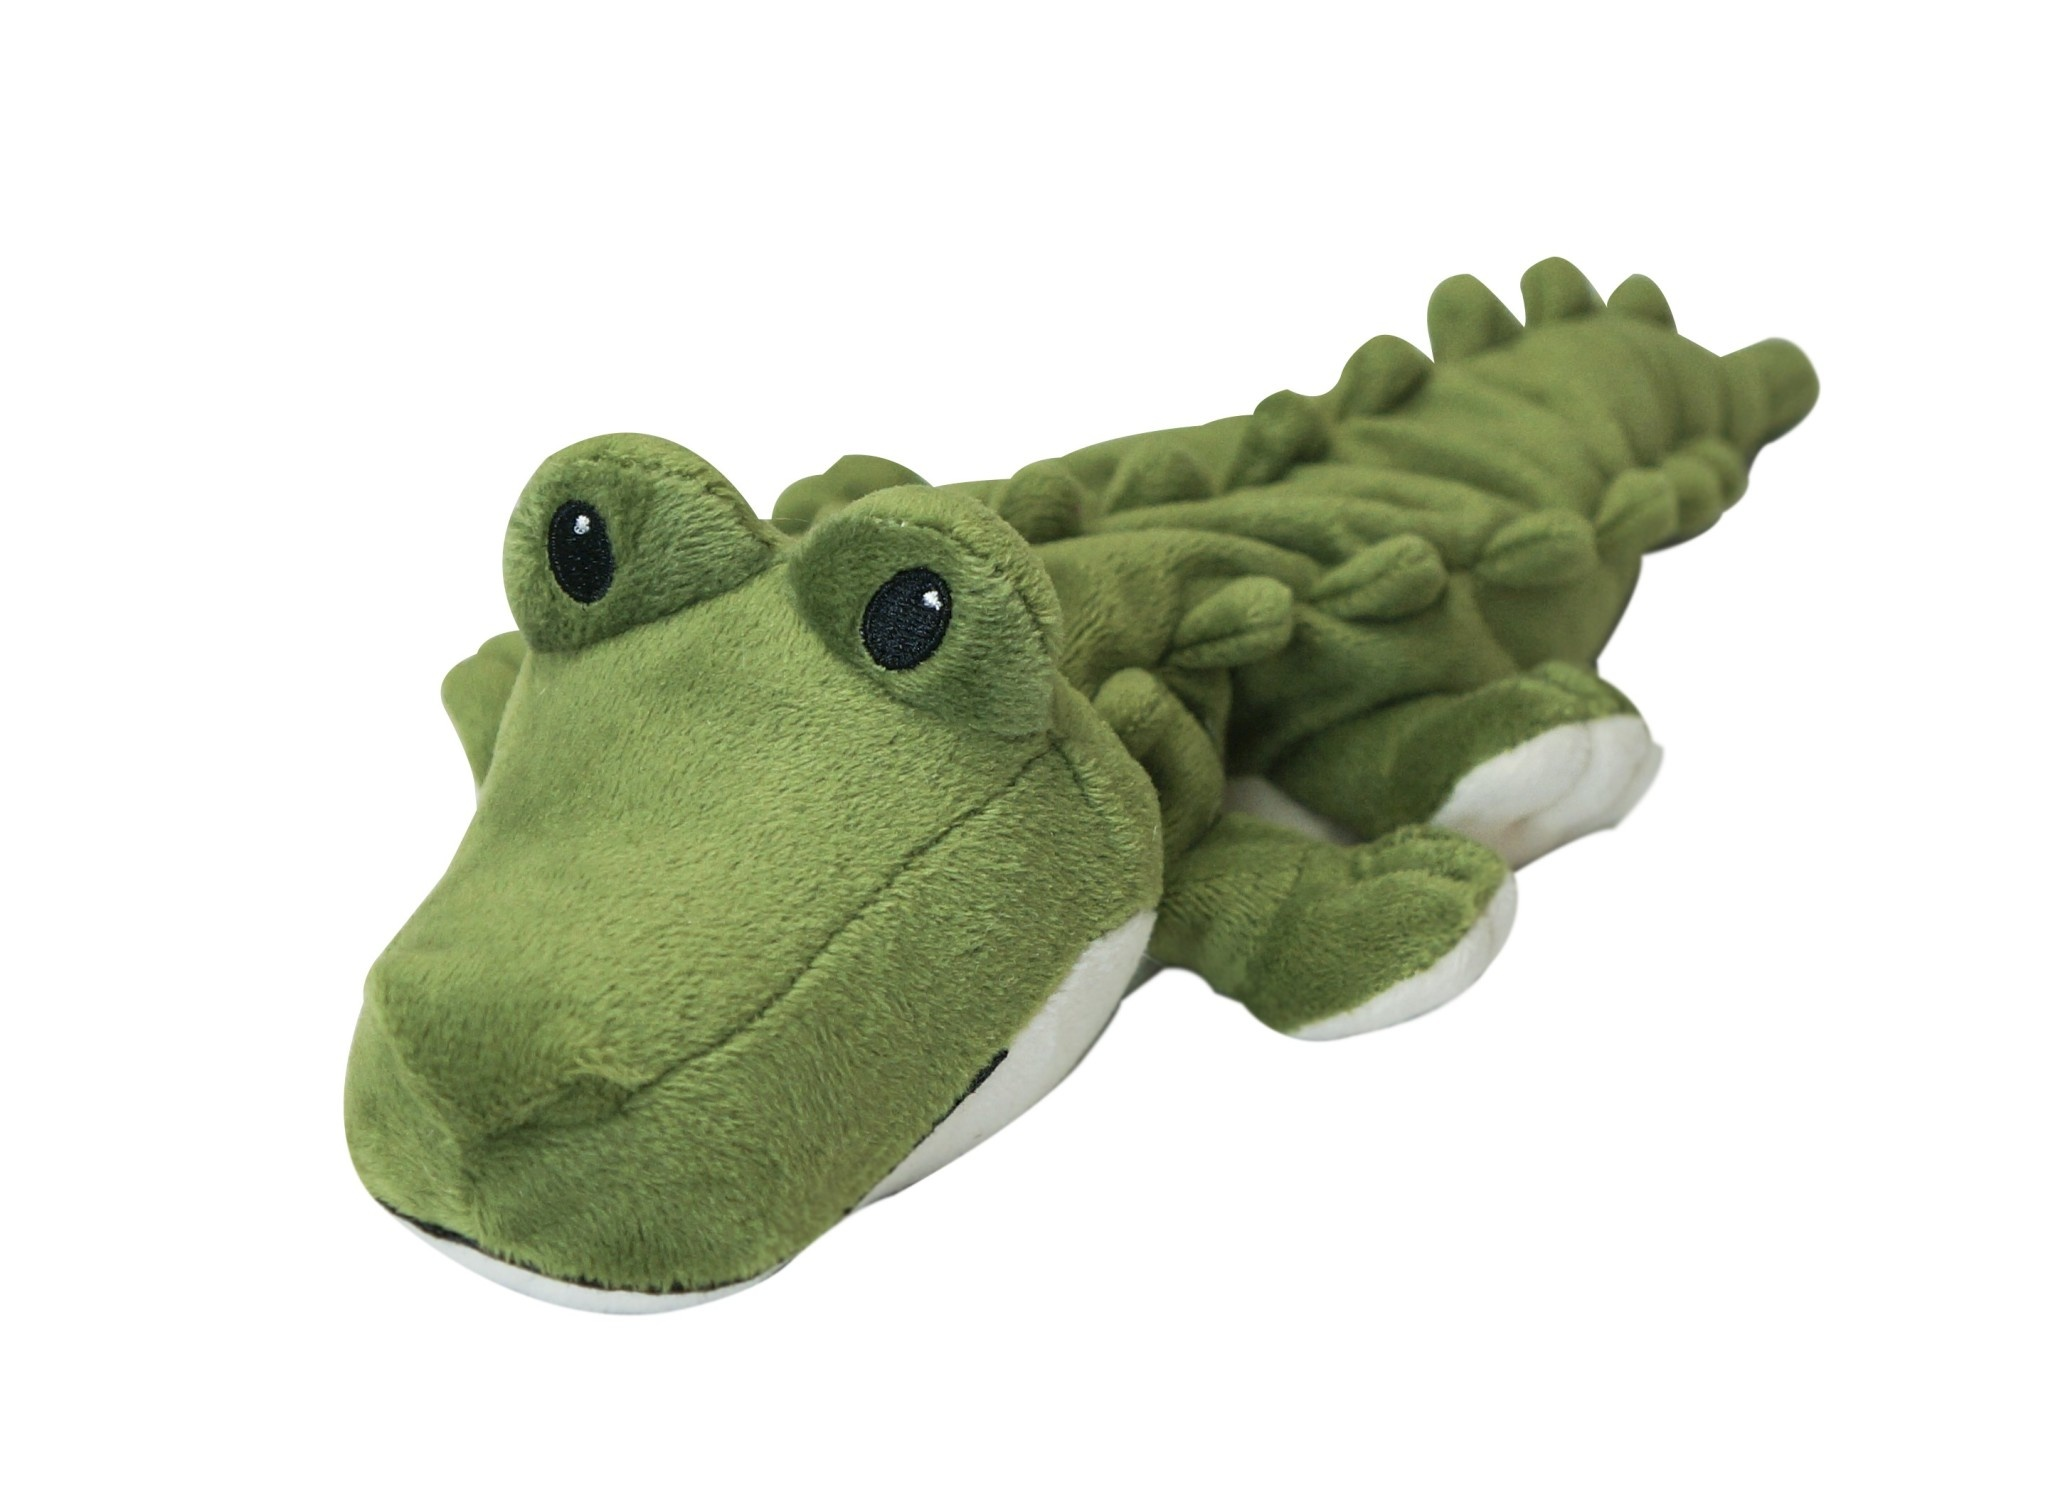 Intelex Junior Alligator Cozy Plush